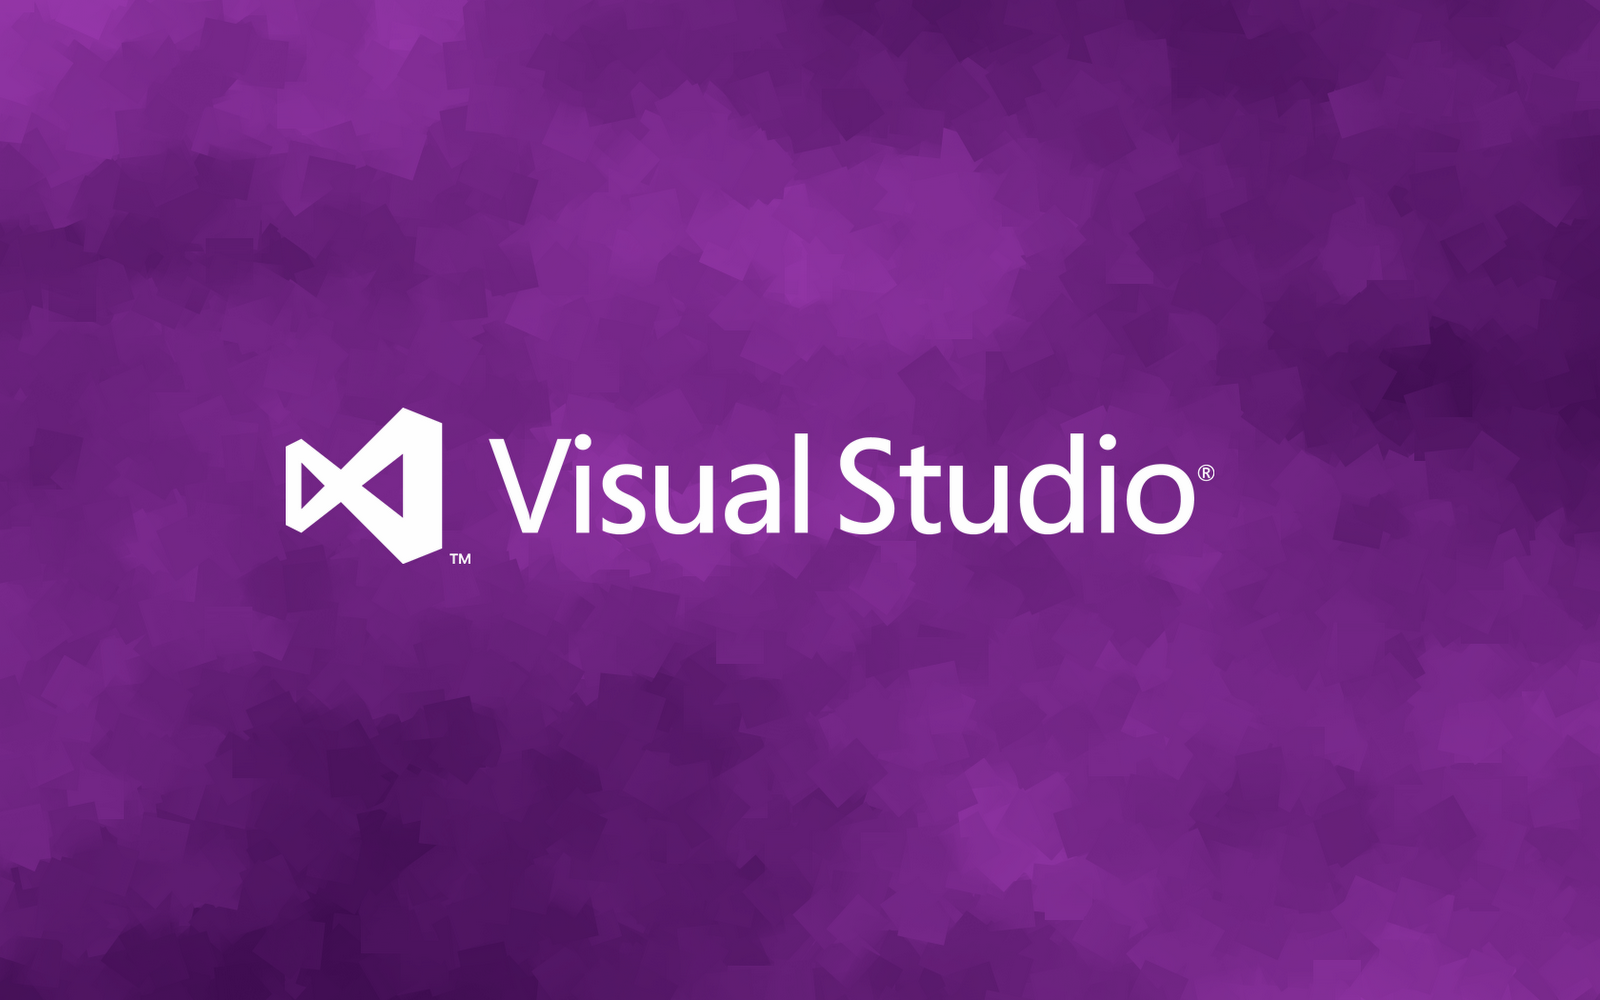 Microsoft visual studio 2015 скачать торрент - 7